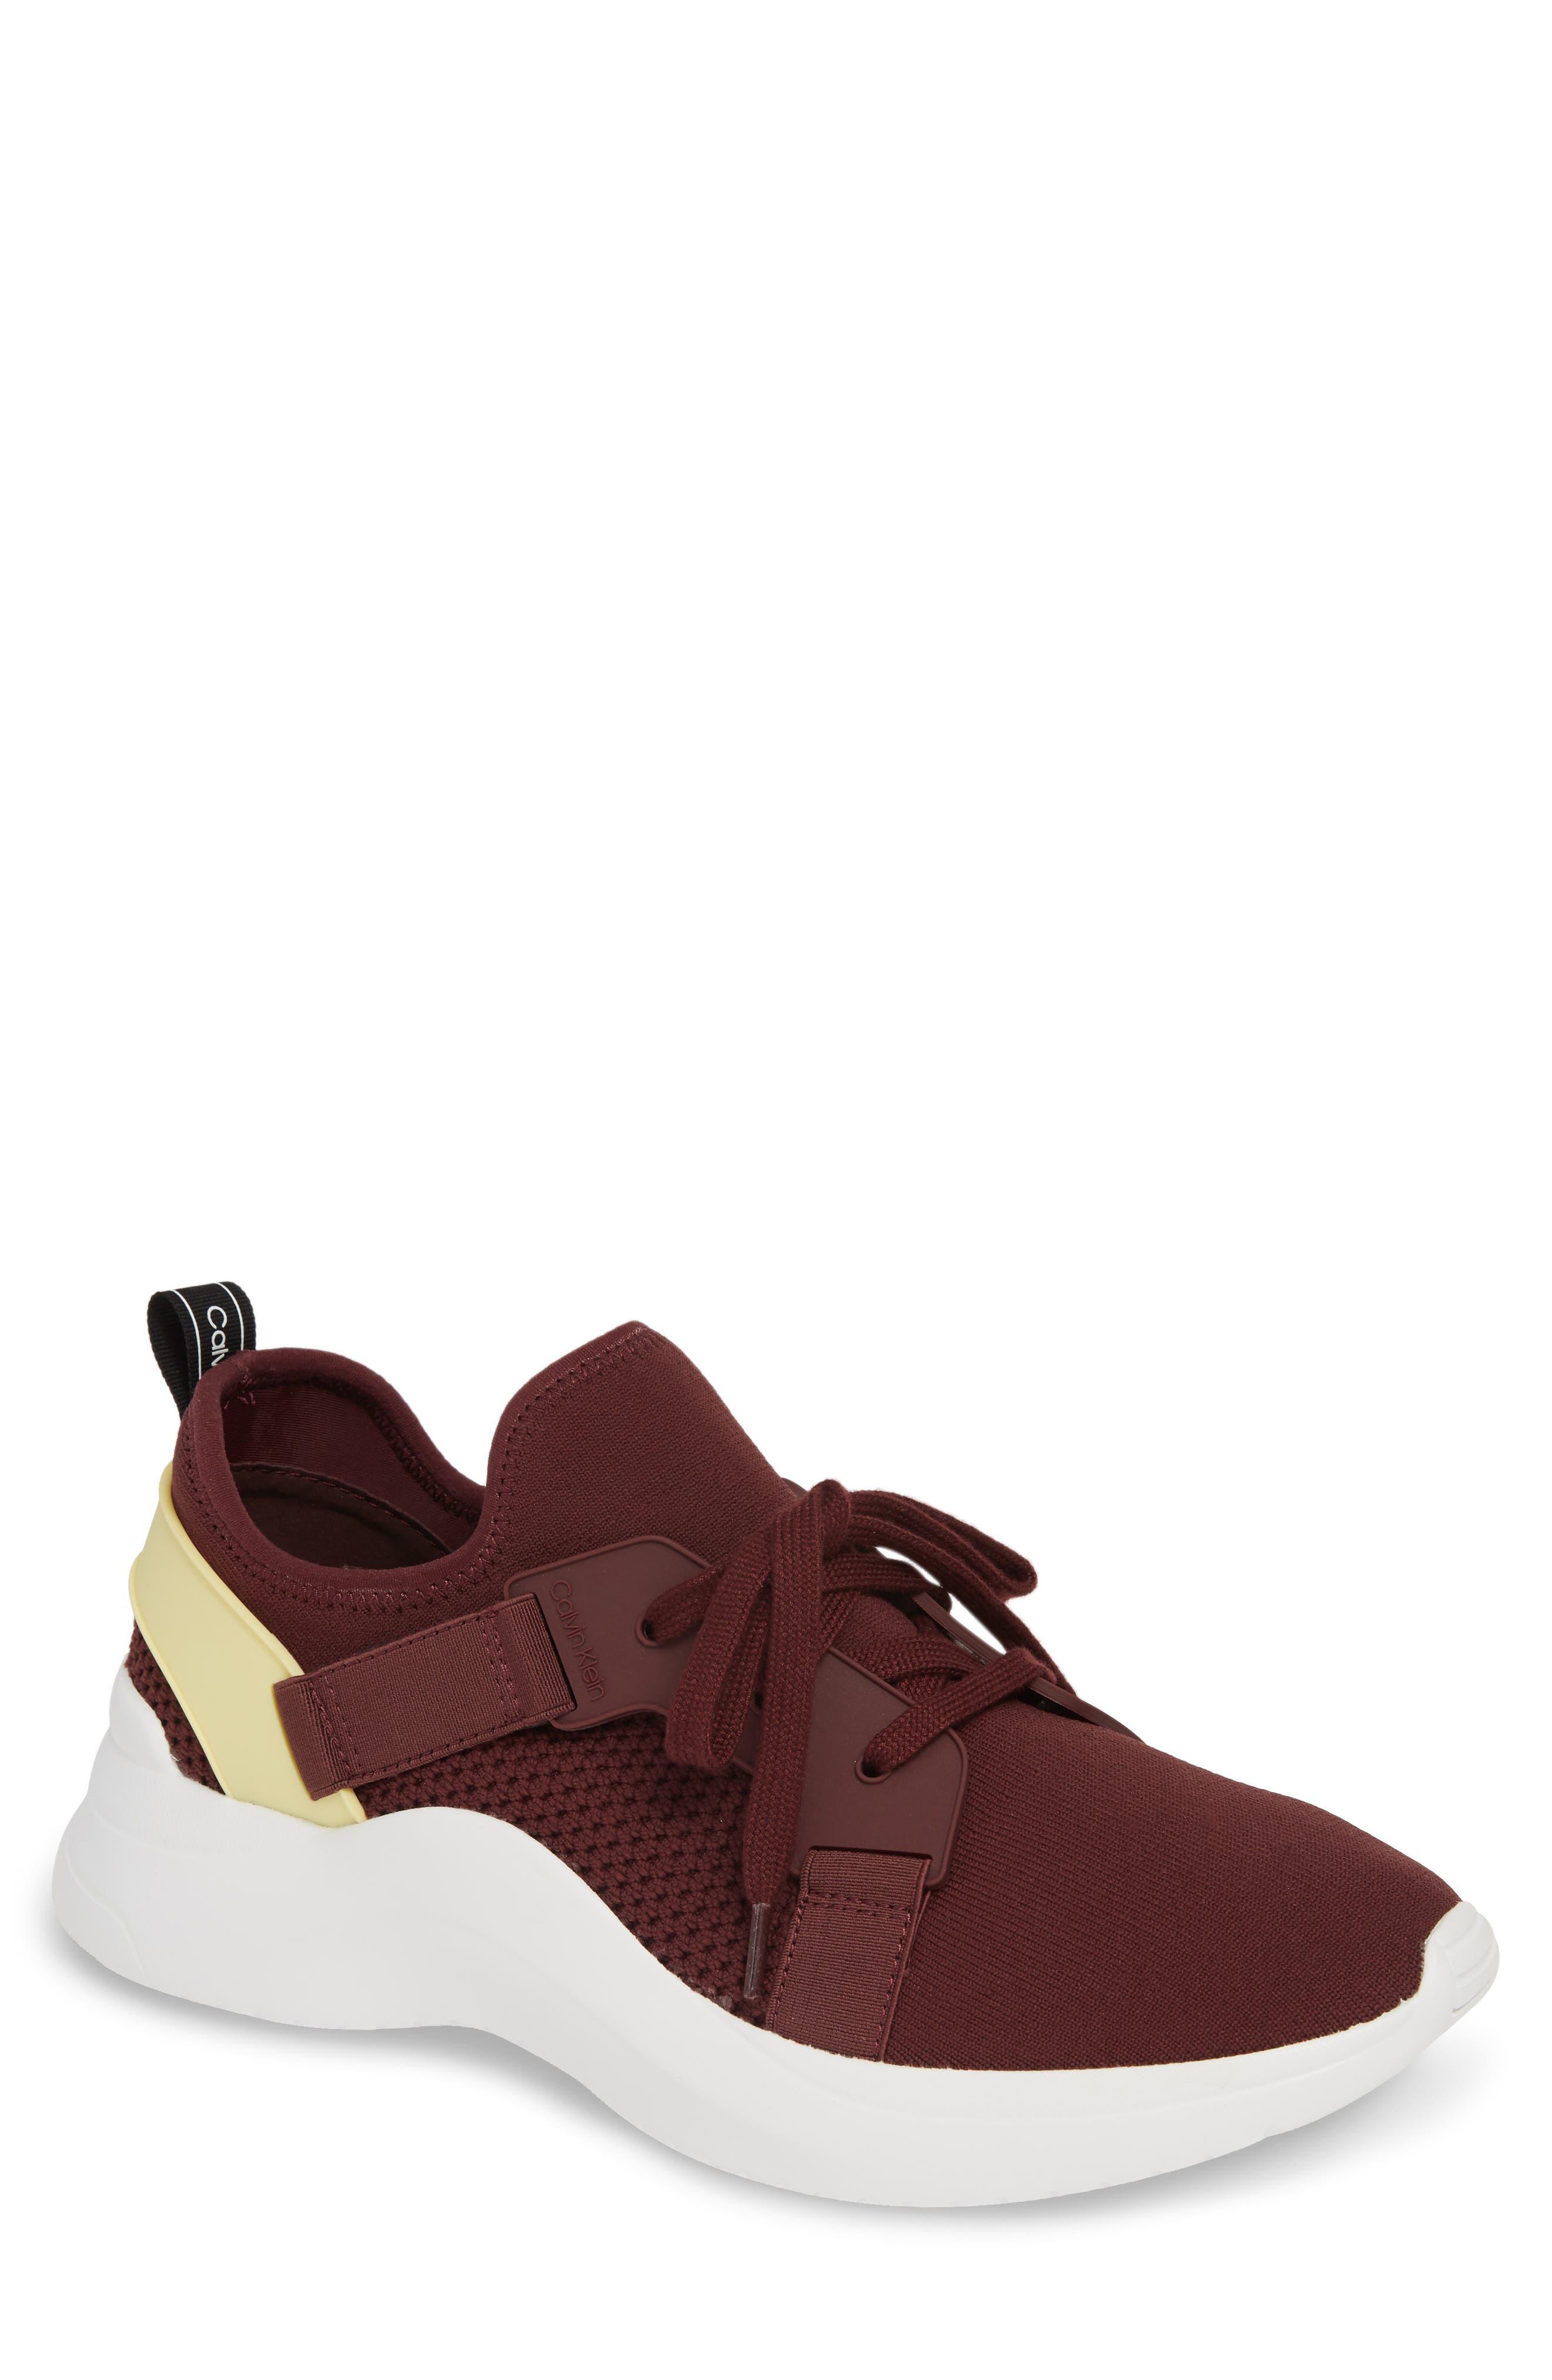 Calvin Klein Unni Sneaker, Burgundy